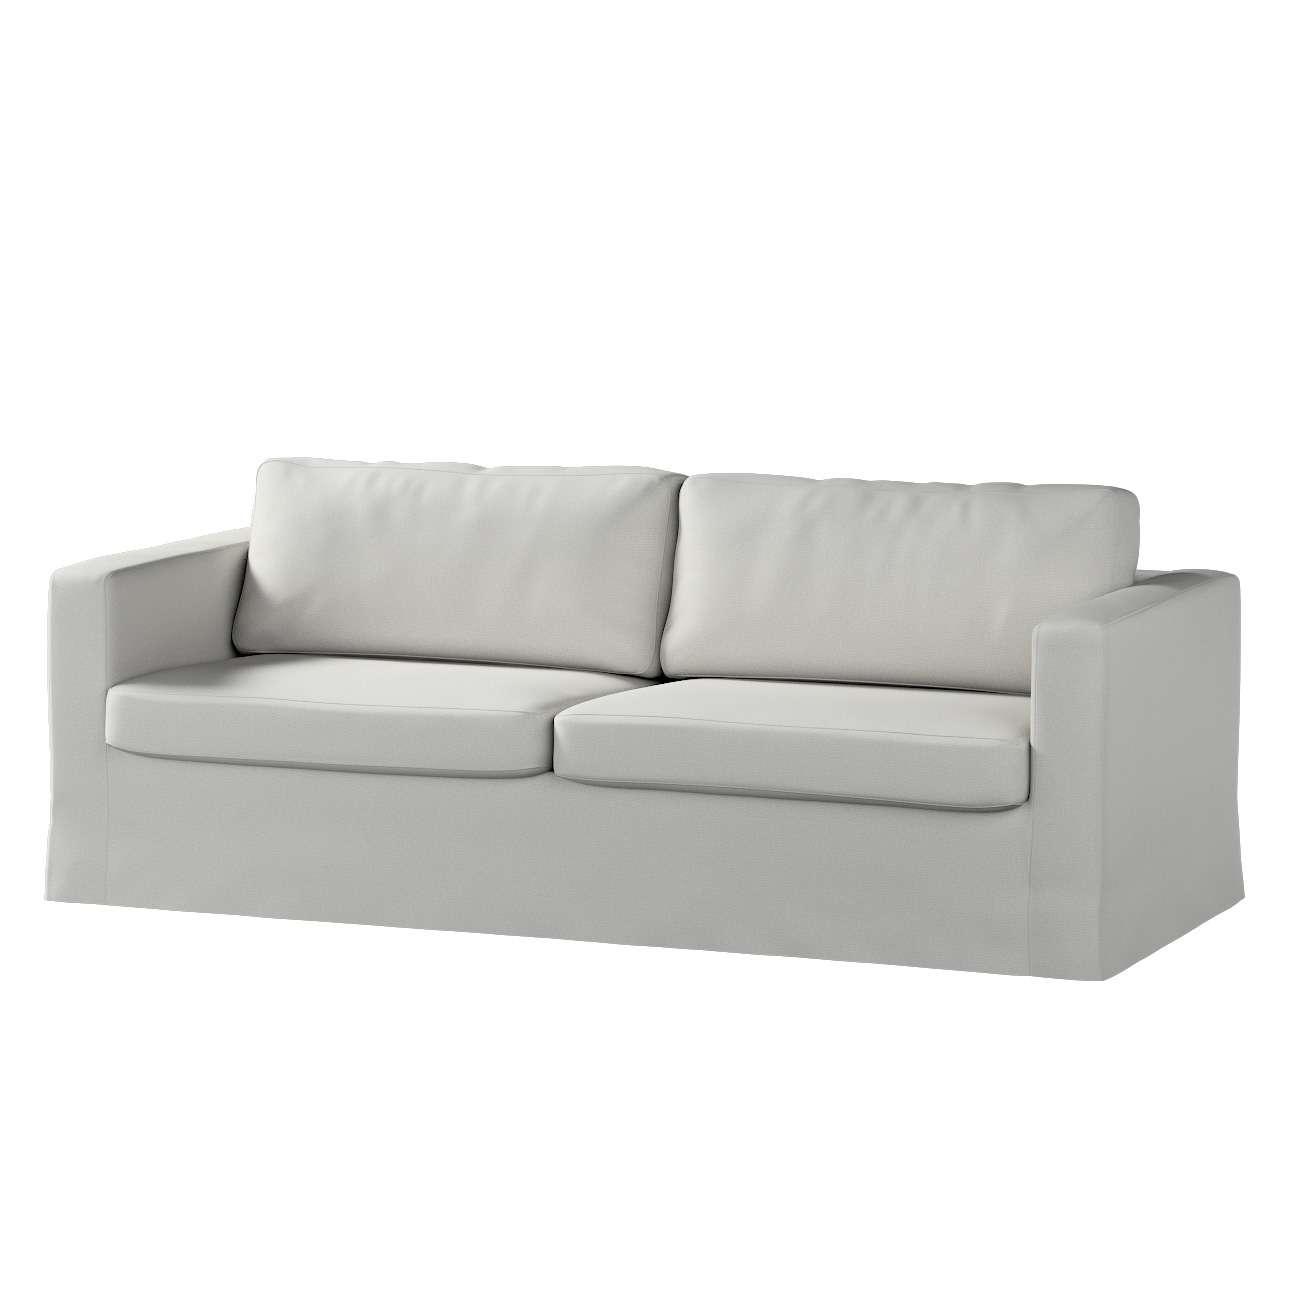 Karlstad trivietės sofos užvalkalas (ilgas, iki žemės) Karlstad trivietės sofos užvalkalas (ilgas, iki žemės) kolekcijoje Etna , audinys: 705-90